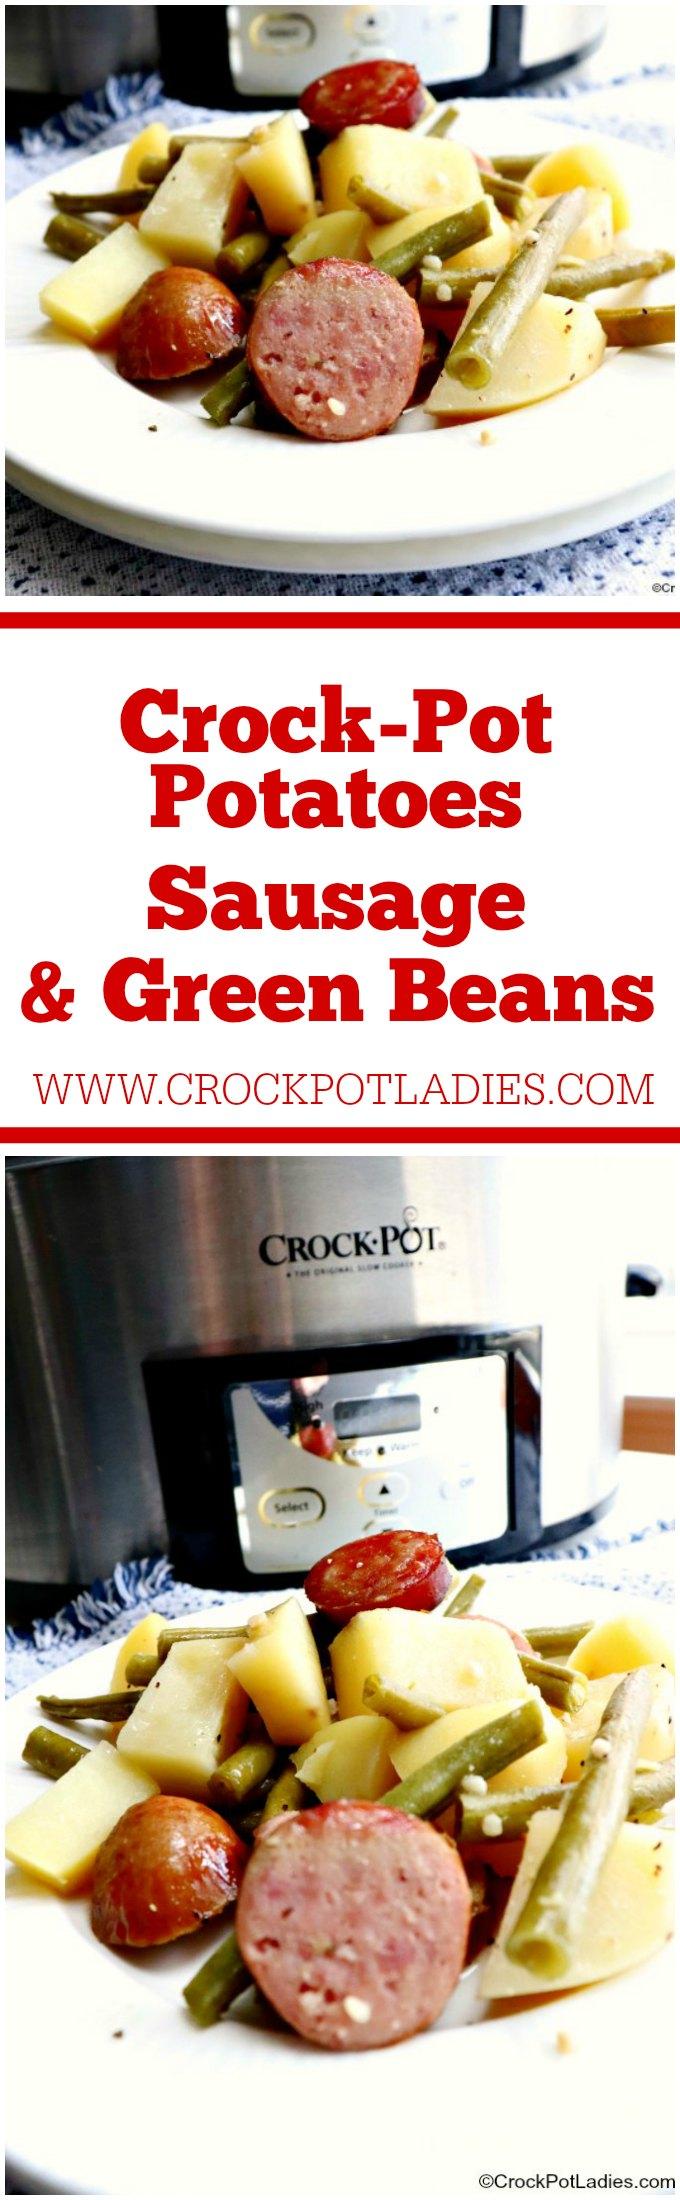 Crock-Pot Potatoes, Sausage And Green Beans